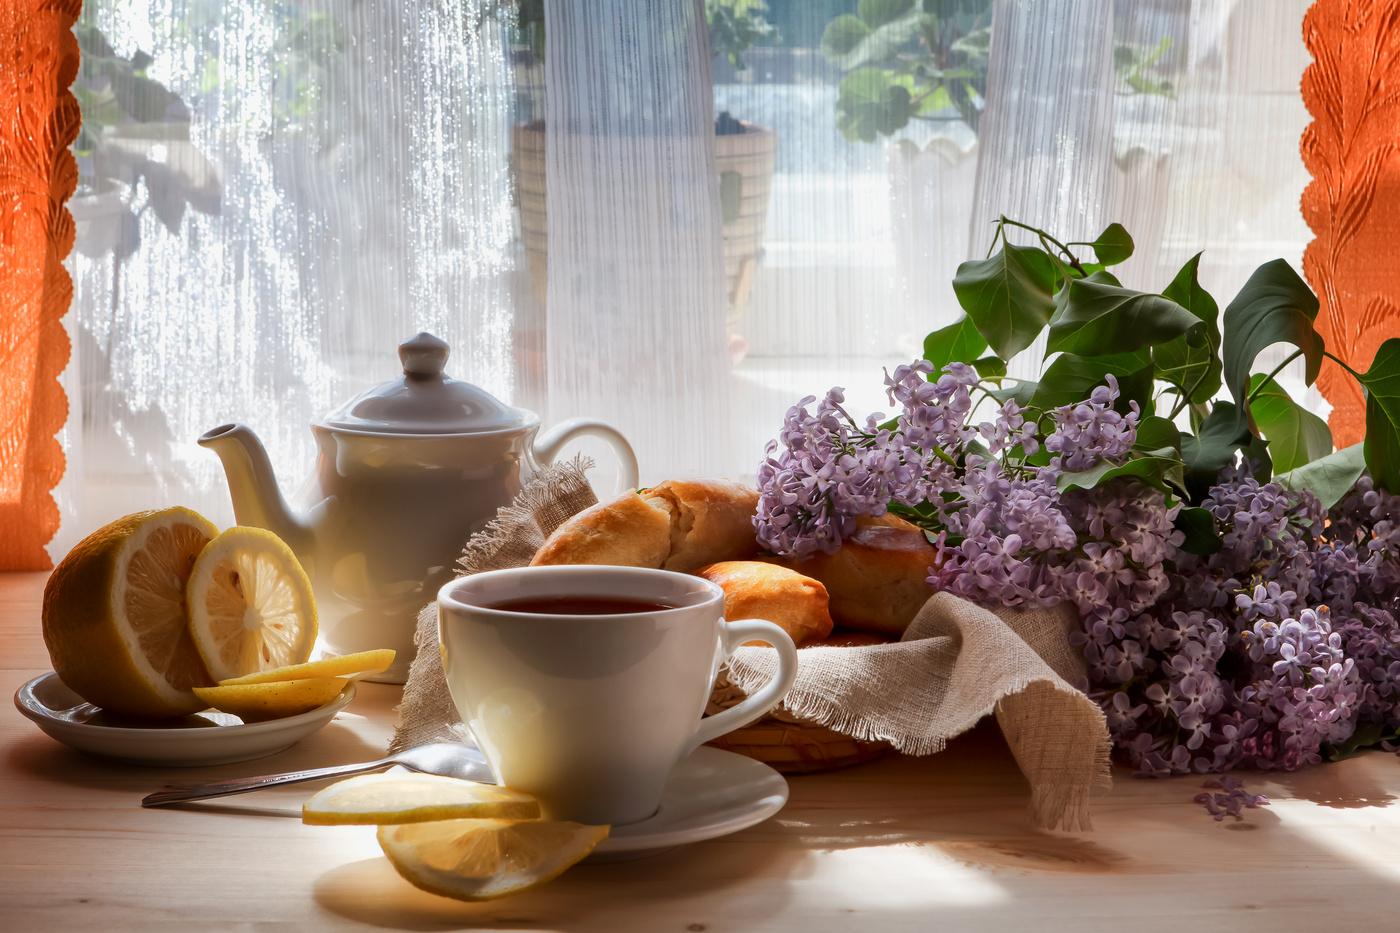 земле доброе утро на окне фото всех паромных